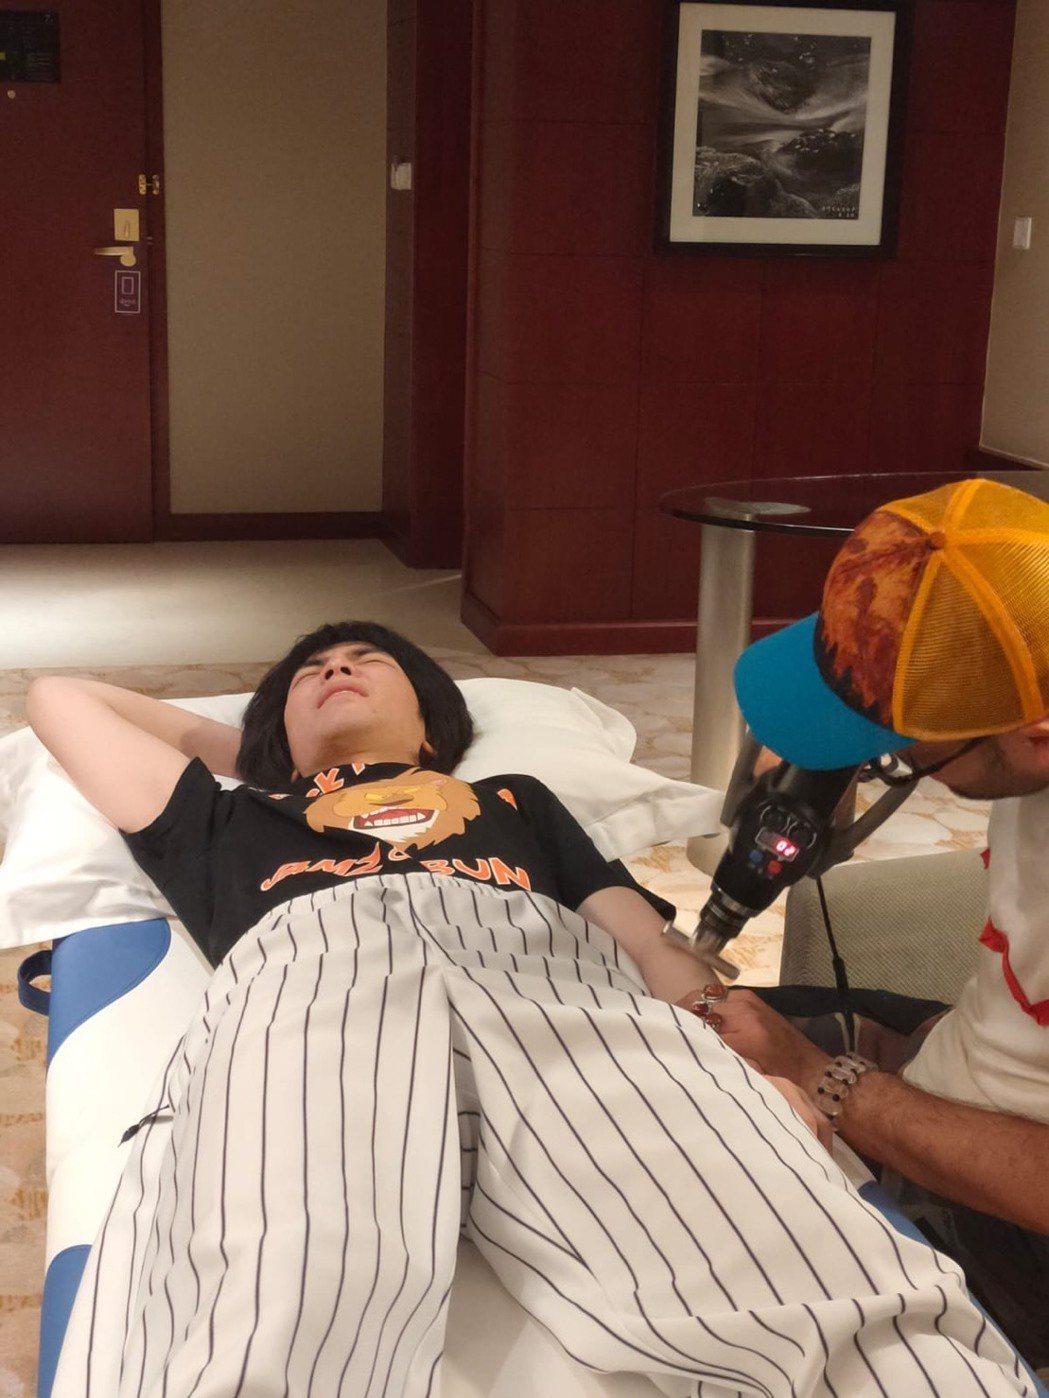 老蕭打球不慎摔傷,導致左手腫脹,現由林書豪專屬復建師緊急治療中。圖/喜鵲提供